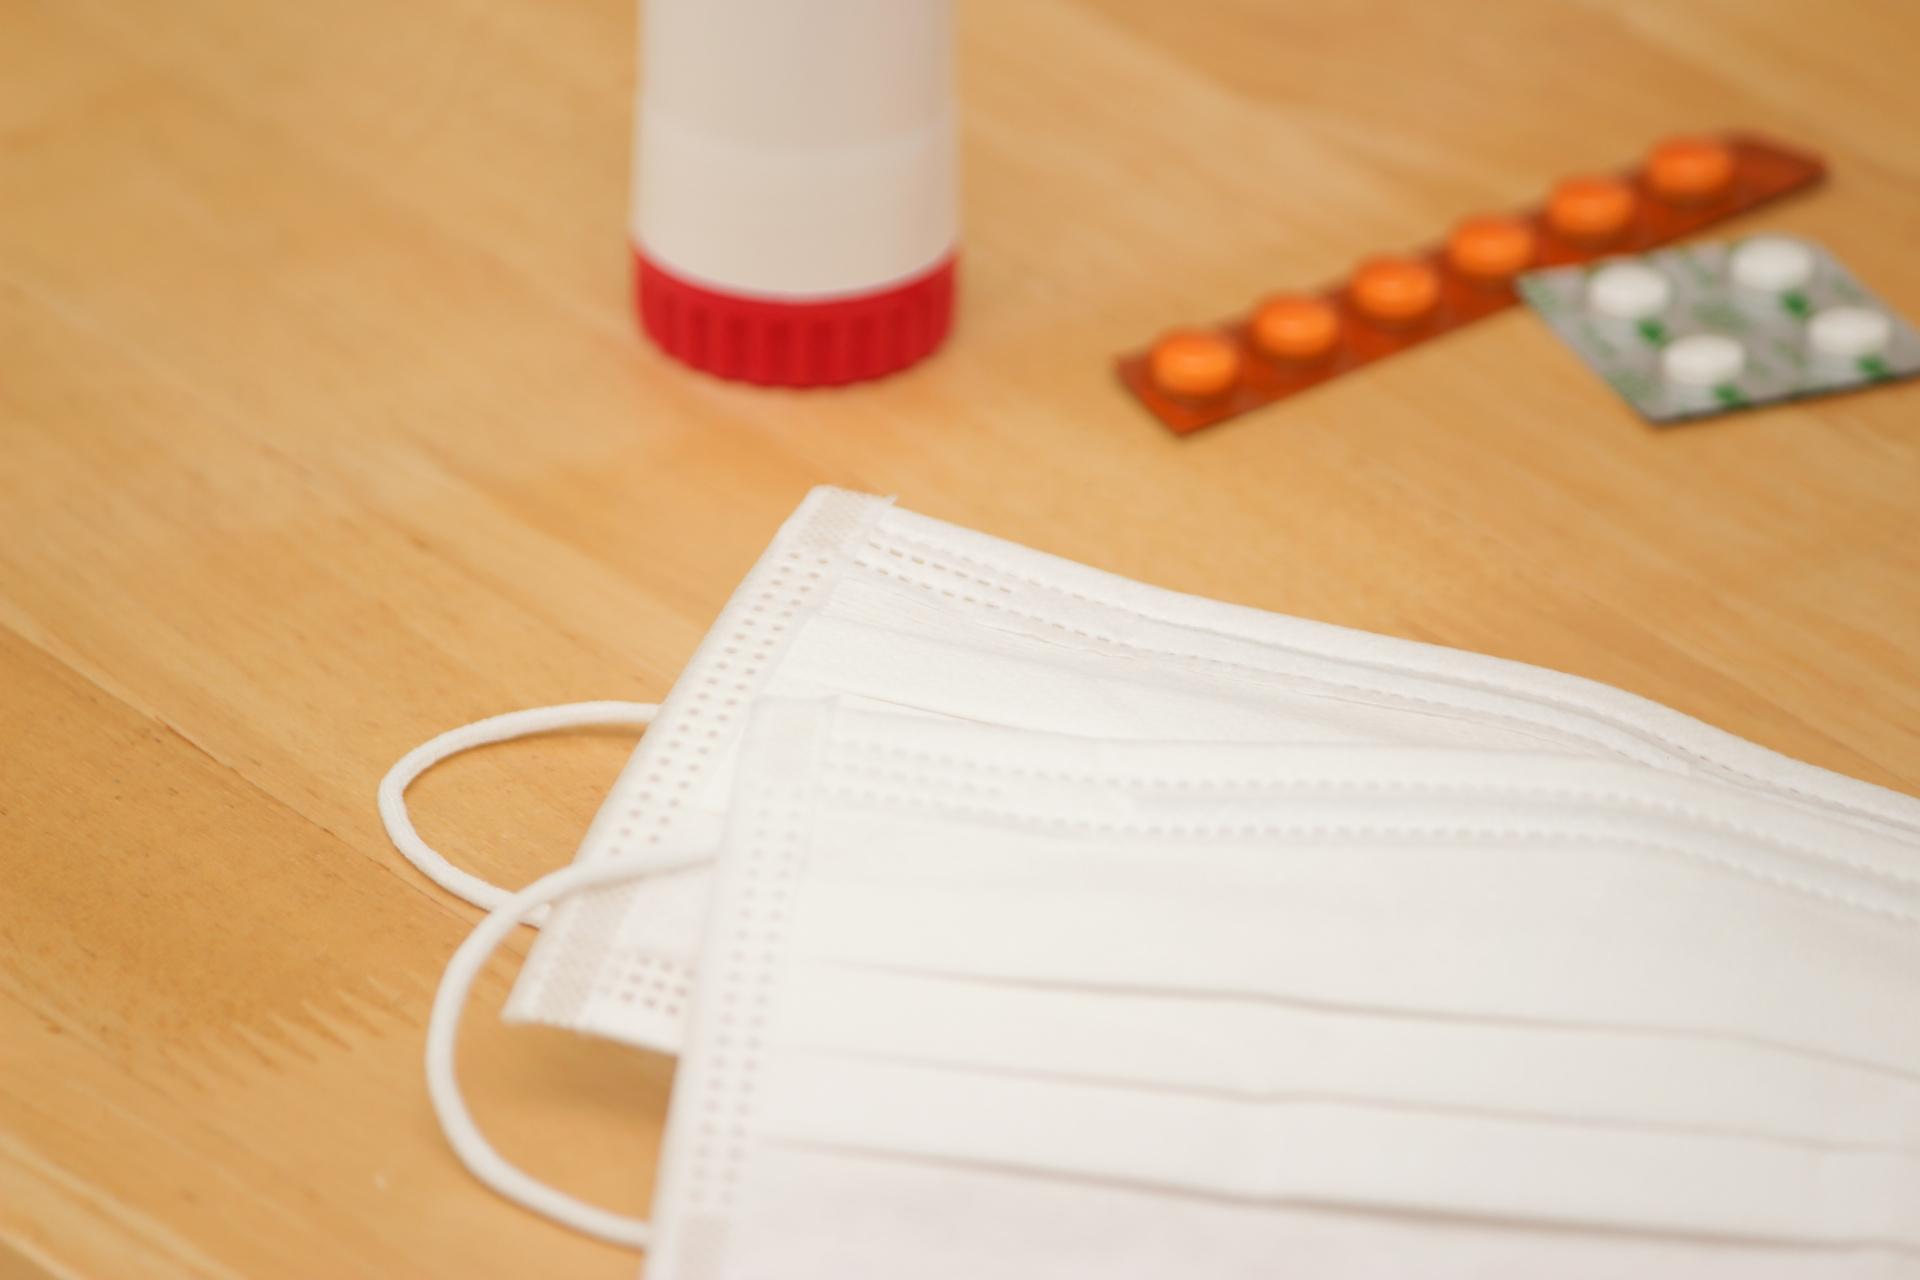 気管支喘息の方は術中のストレスを回避することが必須です